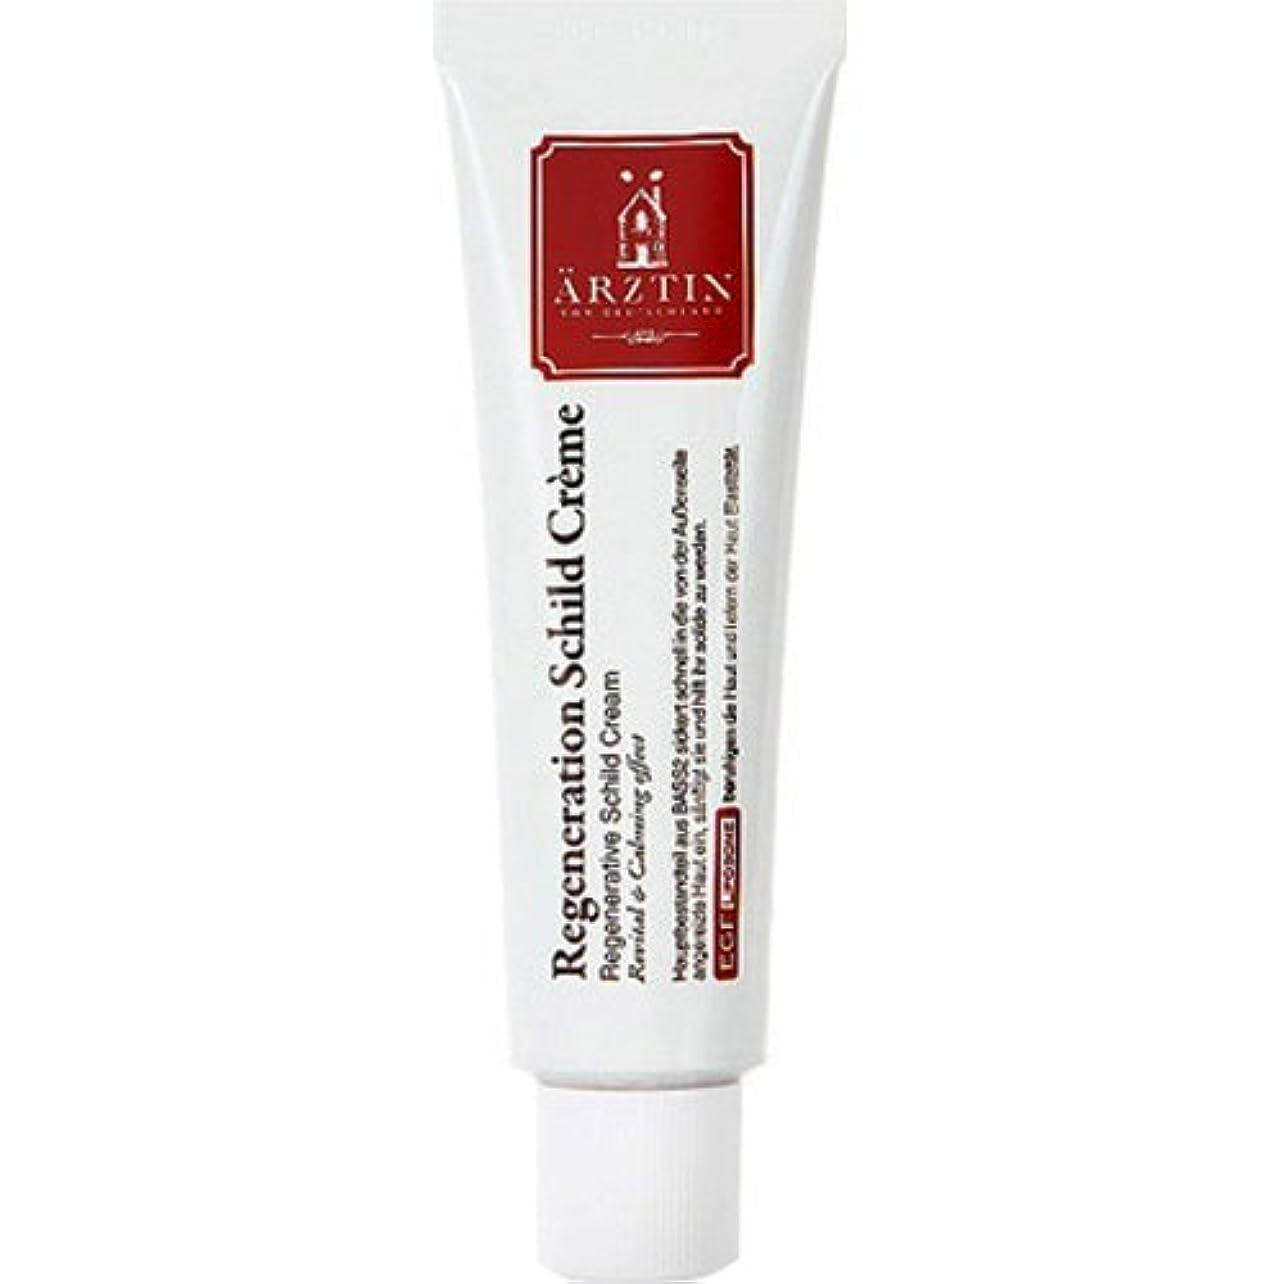 合併症絶縁する鉛筆エルツティン リジェネレイティブシールドクリーム(シルククリーム)50ml